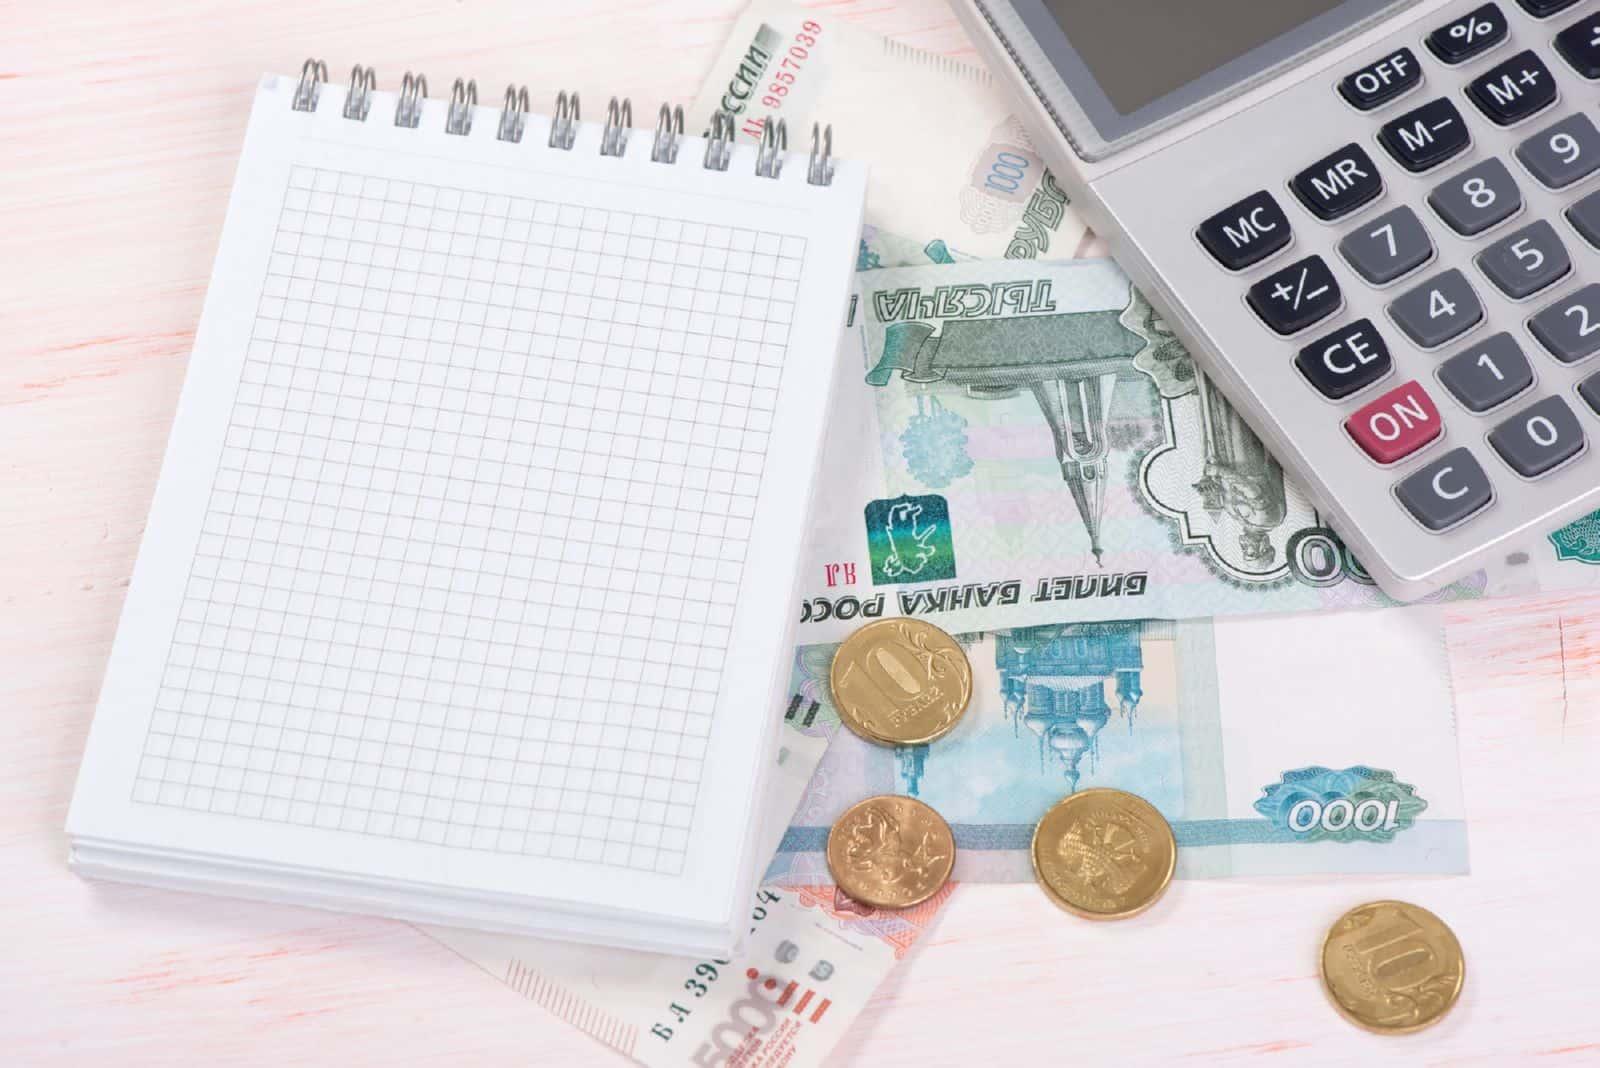 Доплата к пенсии работающему пенсионеру в 2014 году сумма